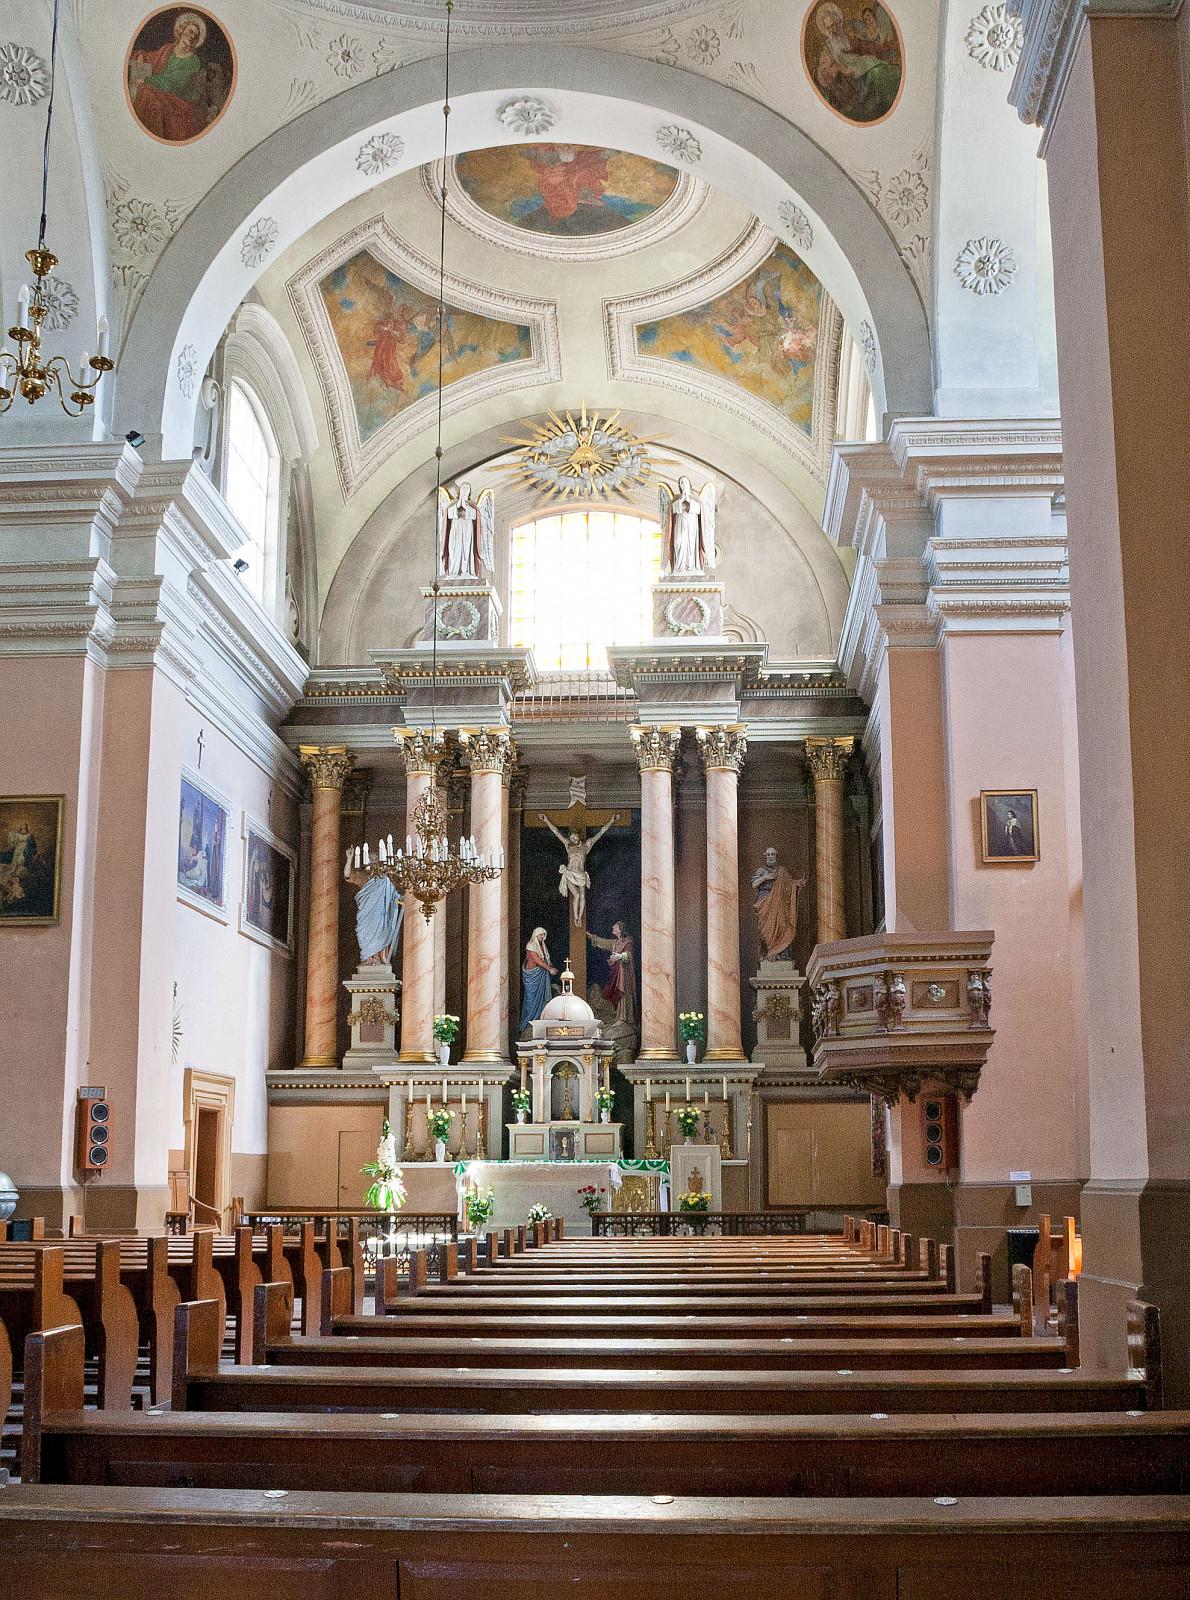 Šventojo Kryžiaus bažnyčios vidus. Vaizdas į presbiteriją. 2006 m. Aurimo Švedo nuotrauka